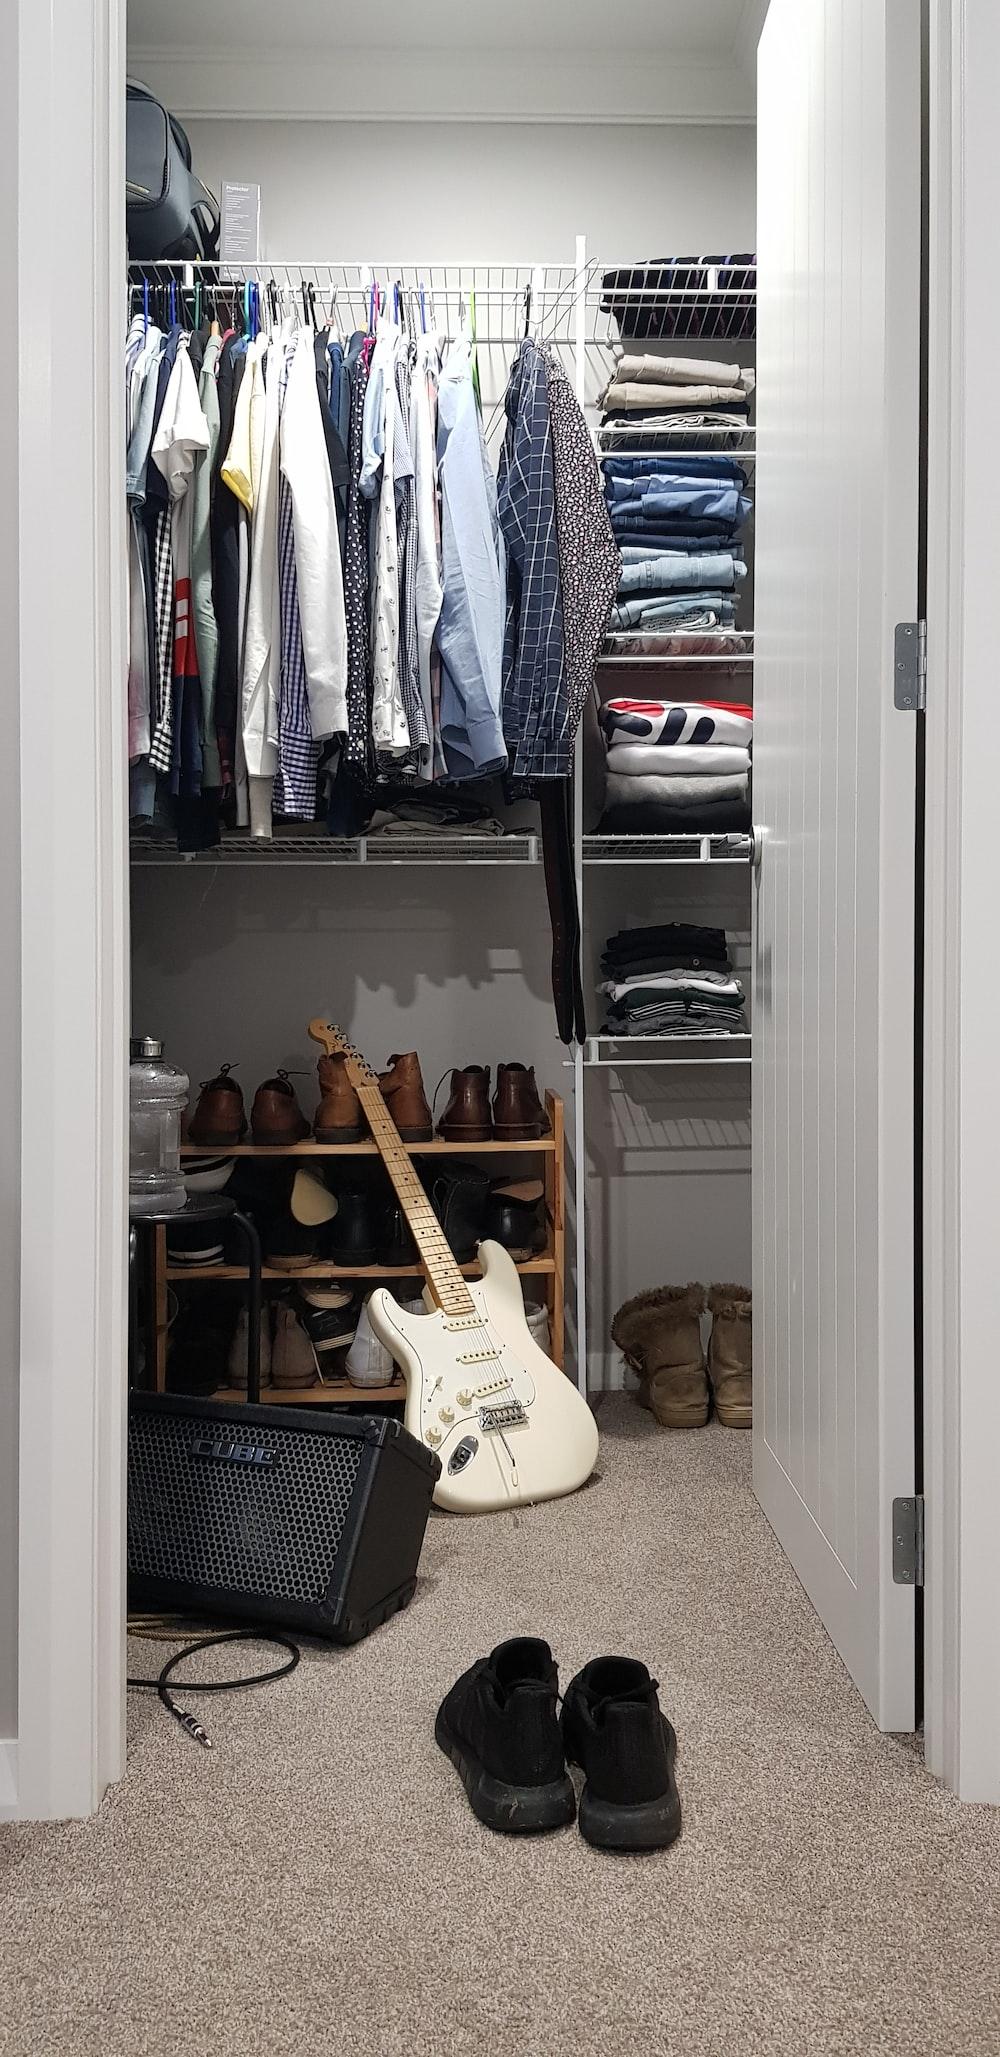 white electric guitar in closet